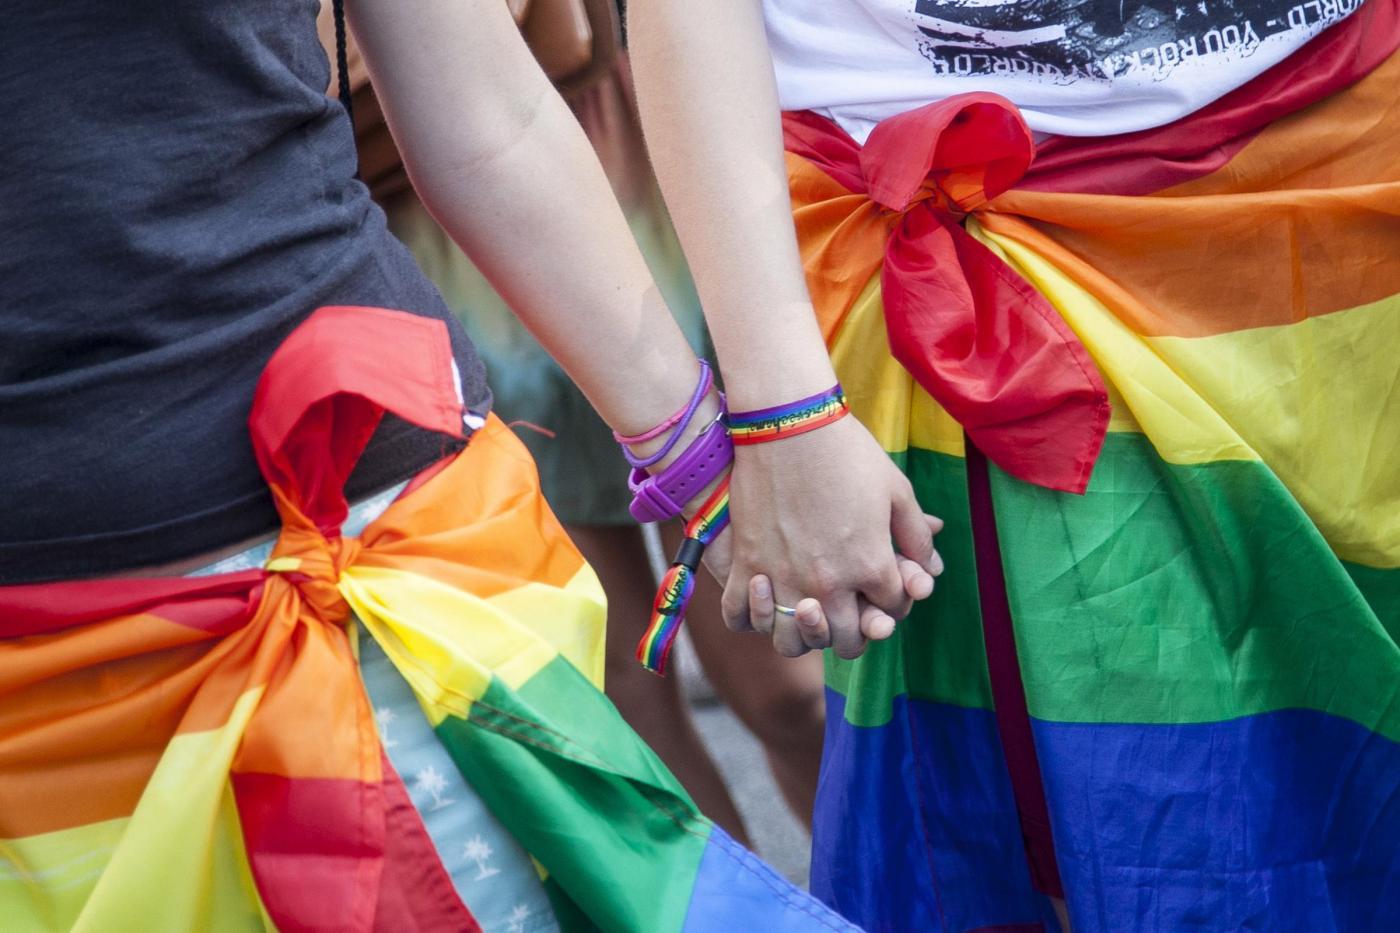 Omofobia: in Italia la politica ottusa genera discriminazione e violenza